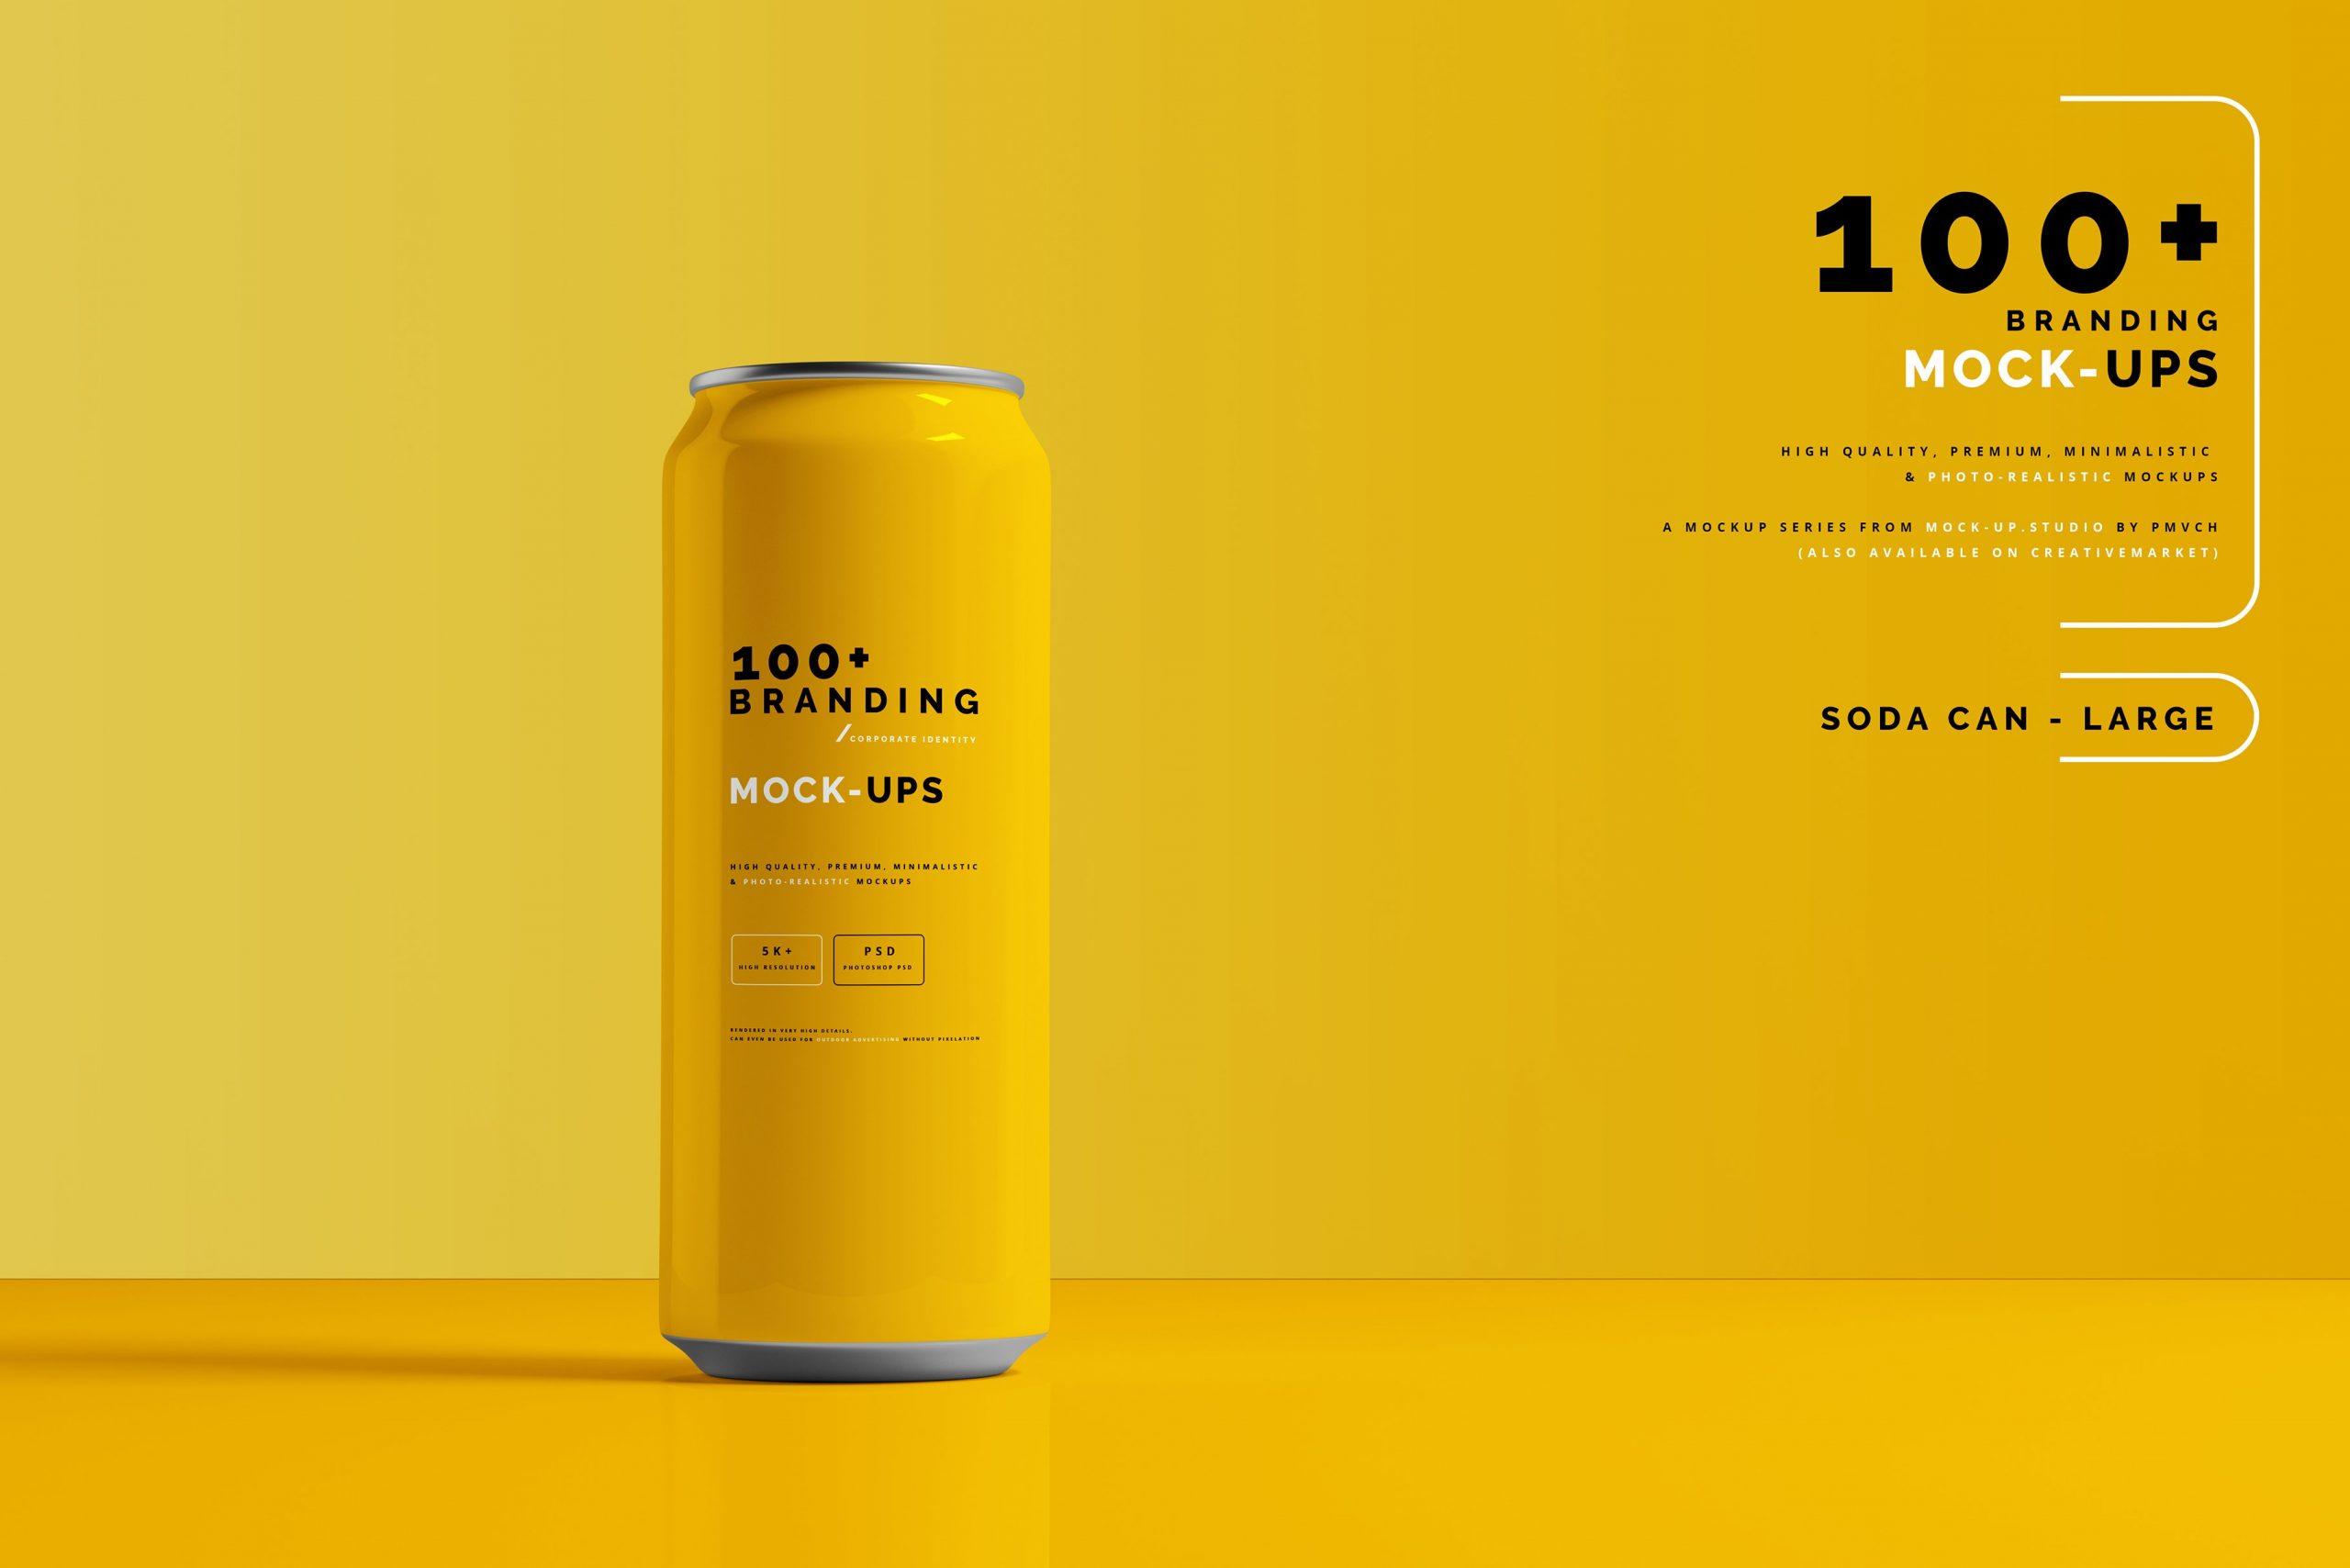 VI样机:100多个宣传册书籍瓶子名片CD封套咖啡杯化妆品海报横幅高分辨率品牌PSD样机(4248)插图(35)